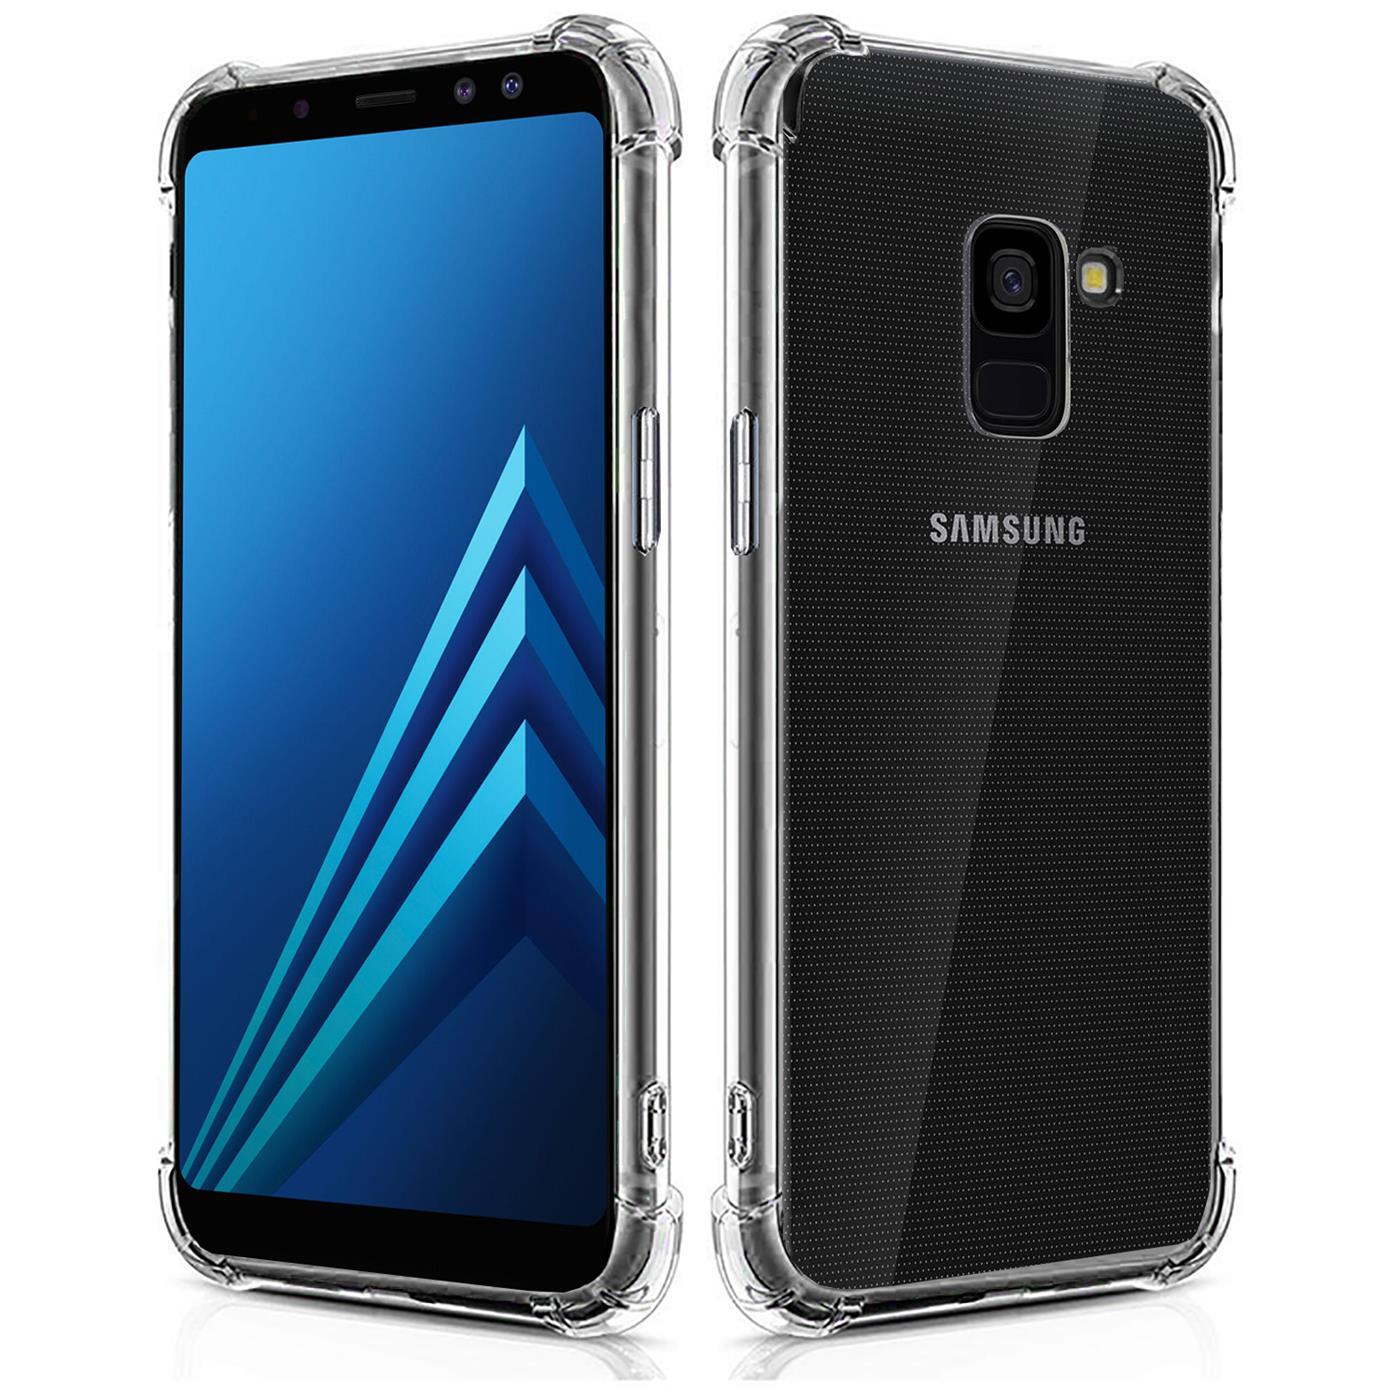 Huelle-fuer-Samsung-Galaxy-A8-Schutzhuelle-Anti-Shock-Handy-Case-Transparent-Cover Indexbild 9